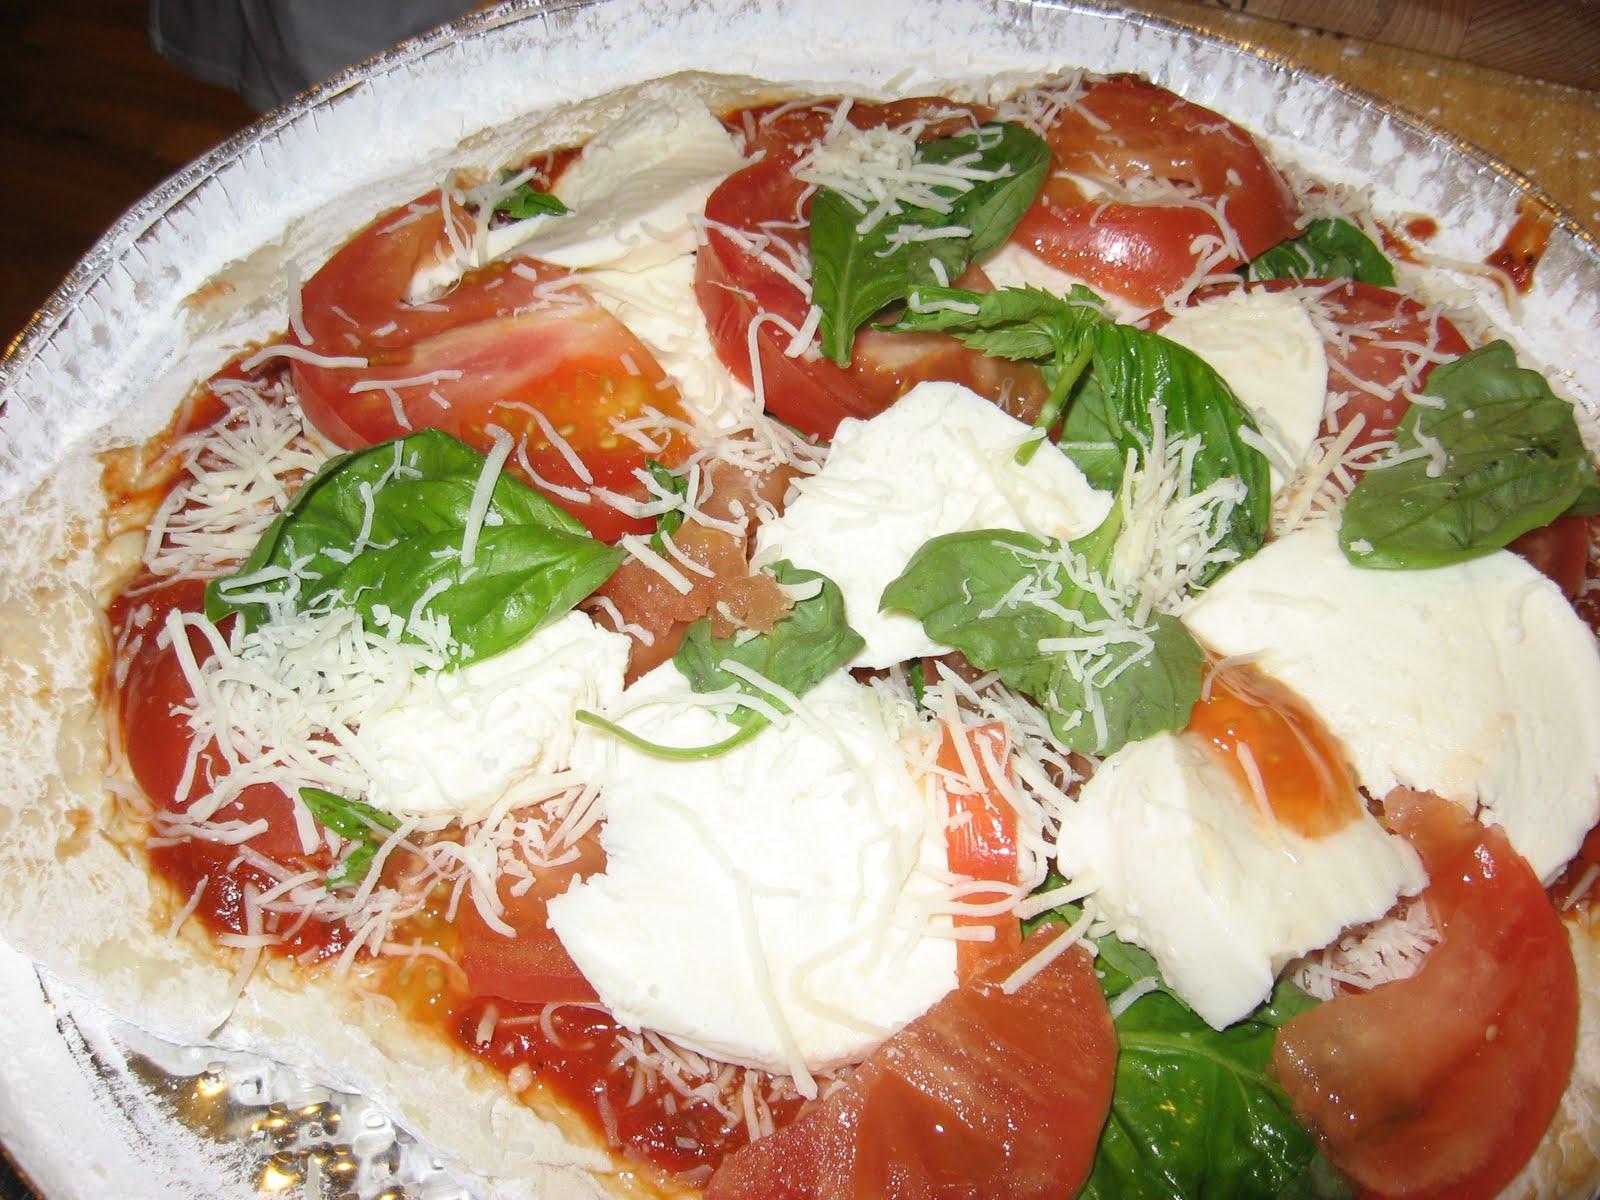 California Pizza Kitchen Guacamole Calories